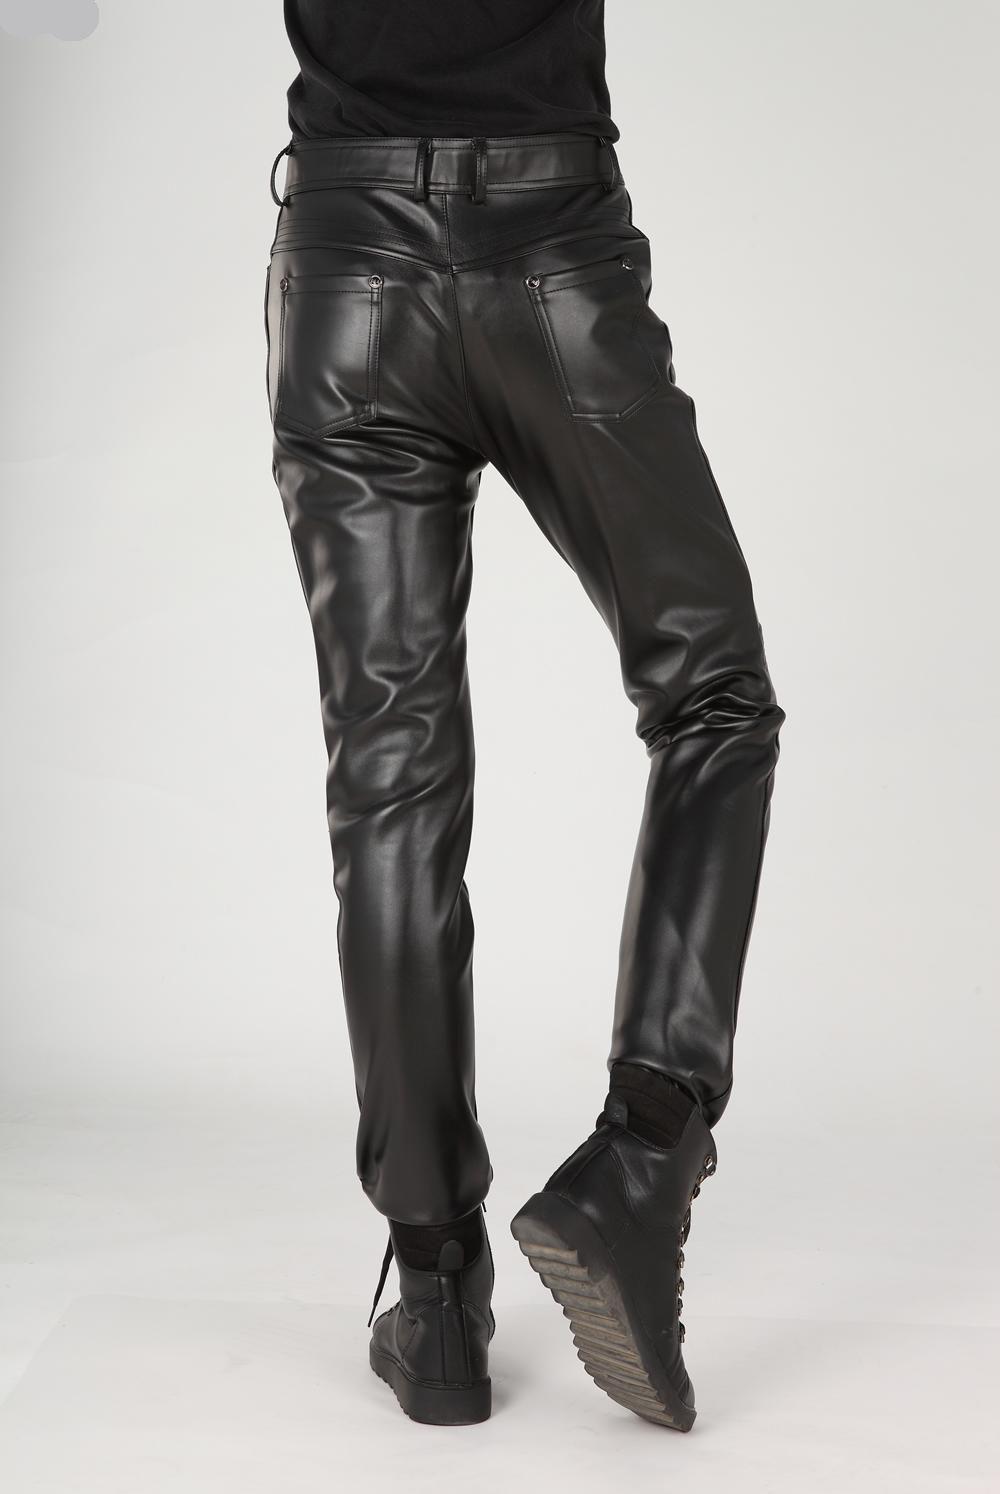 Estilo coreano novo masculino calças de couro PU maré calças slim outono inverno moda casual calças de couro de alta qualidade calças de couro preto dos homens